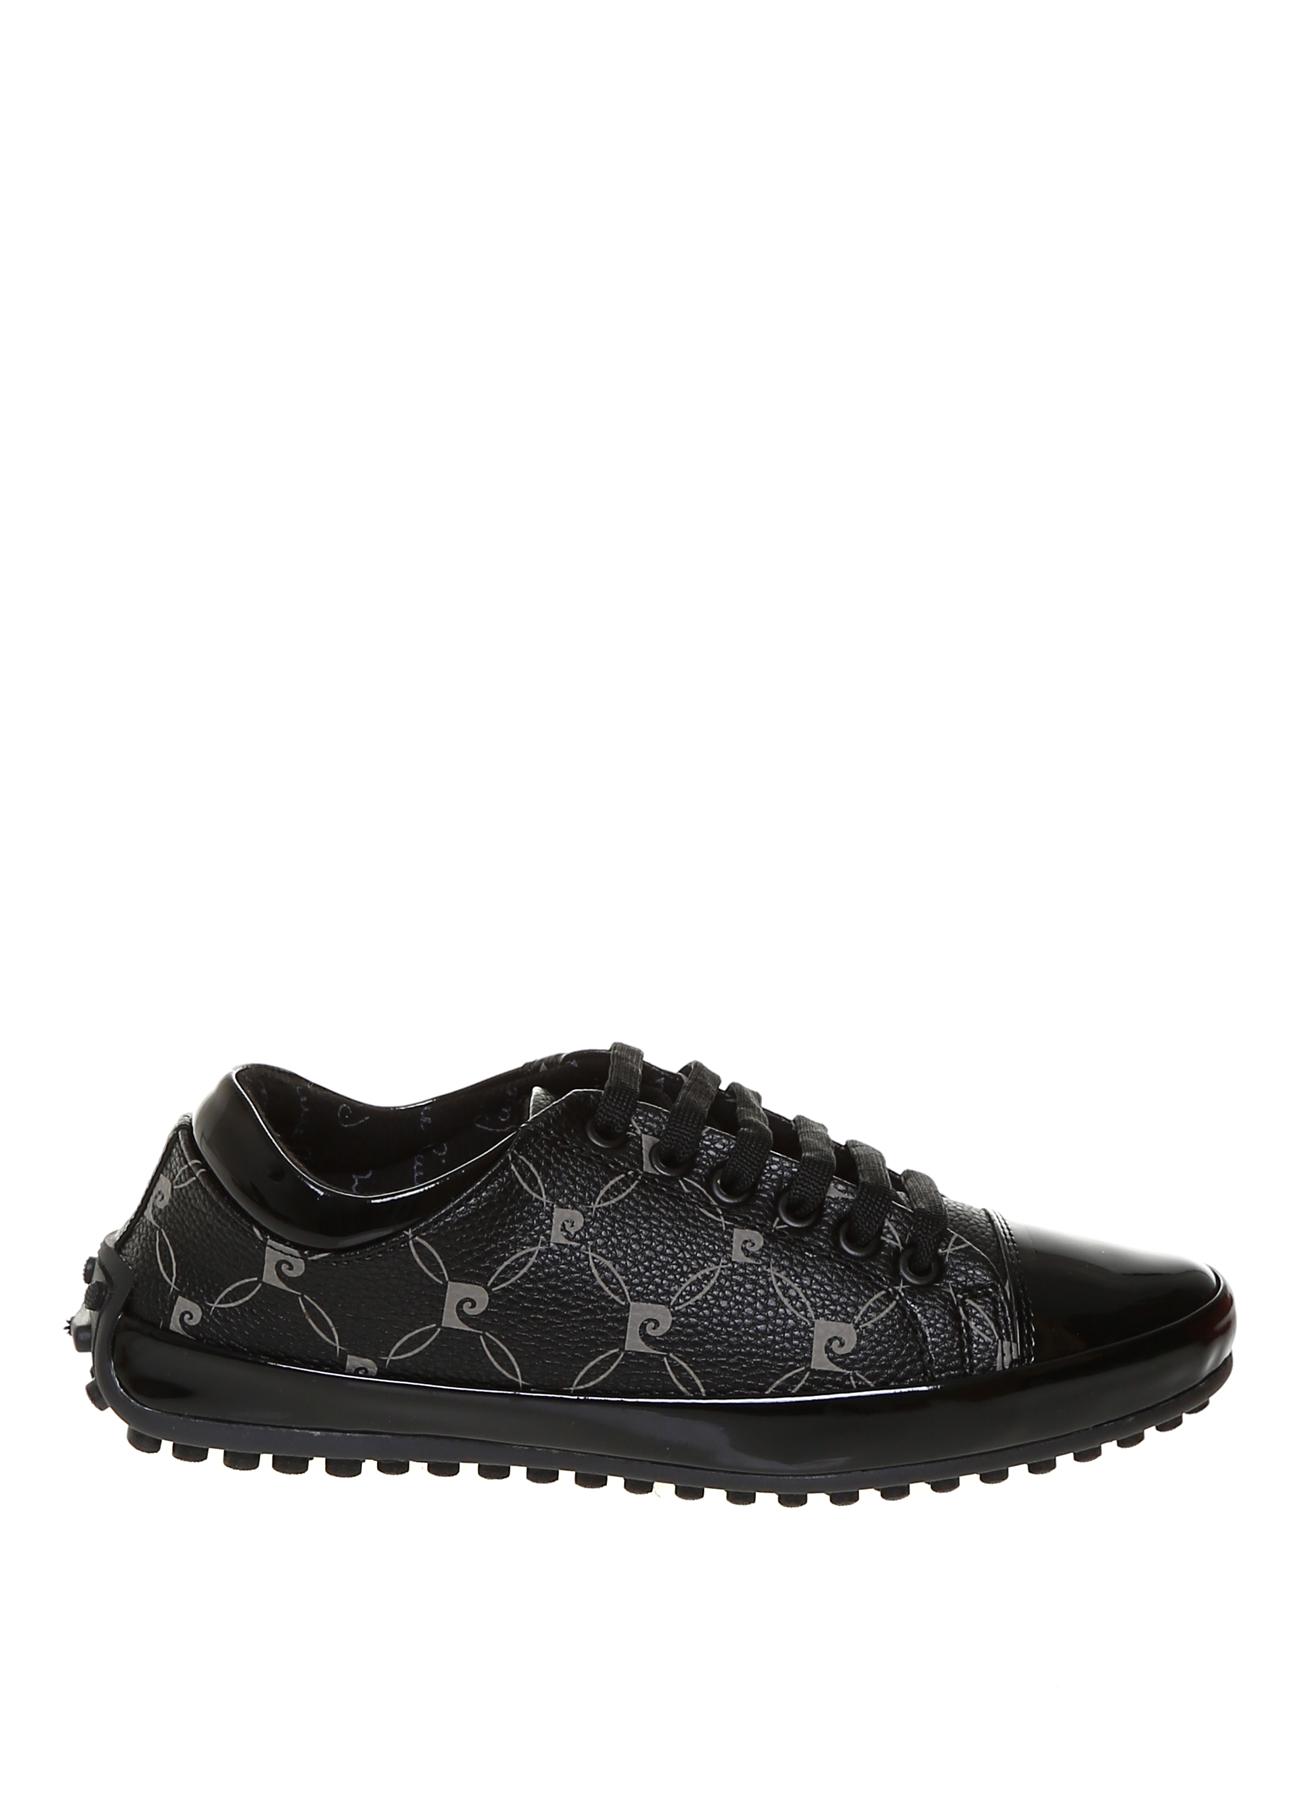 Pierre Cardin Kadın Monogramlı Siyah Düz Ayakkabı 36 5001705173001 Ürün Resmi